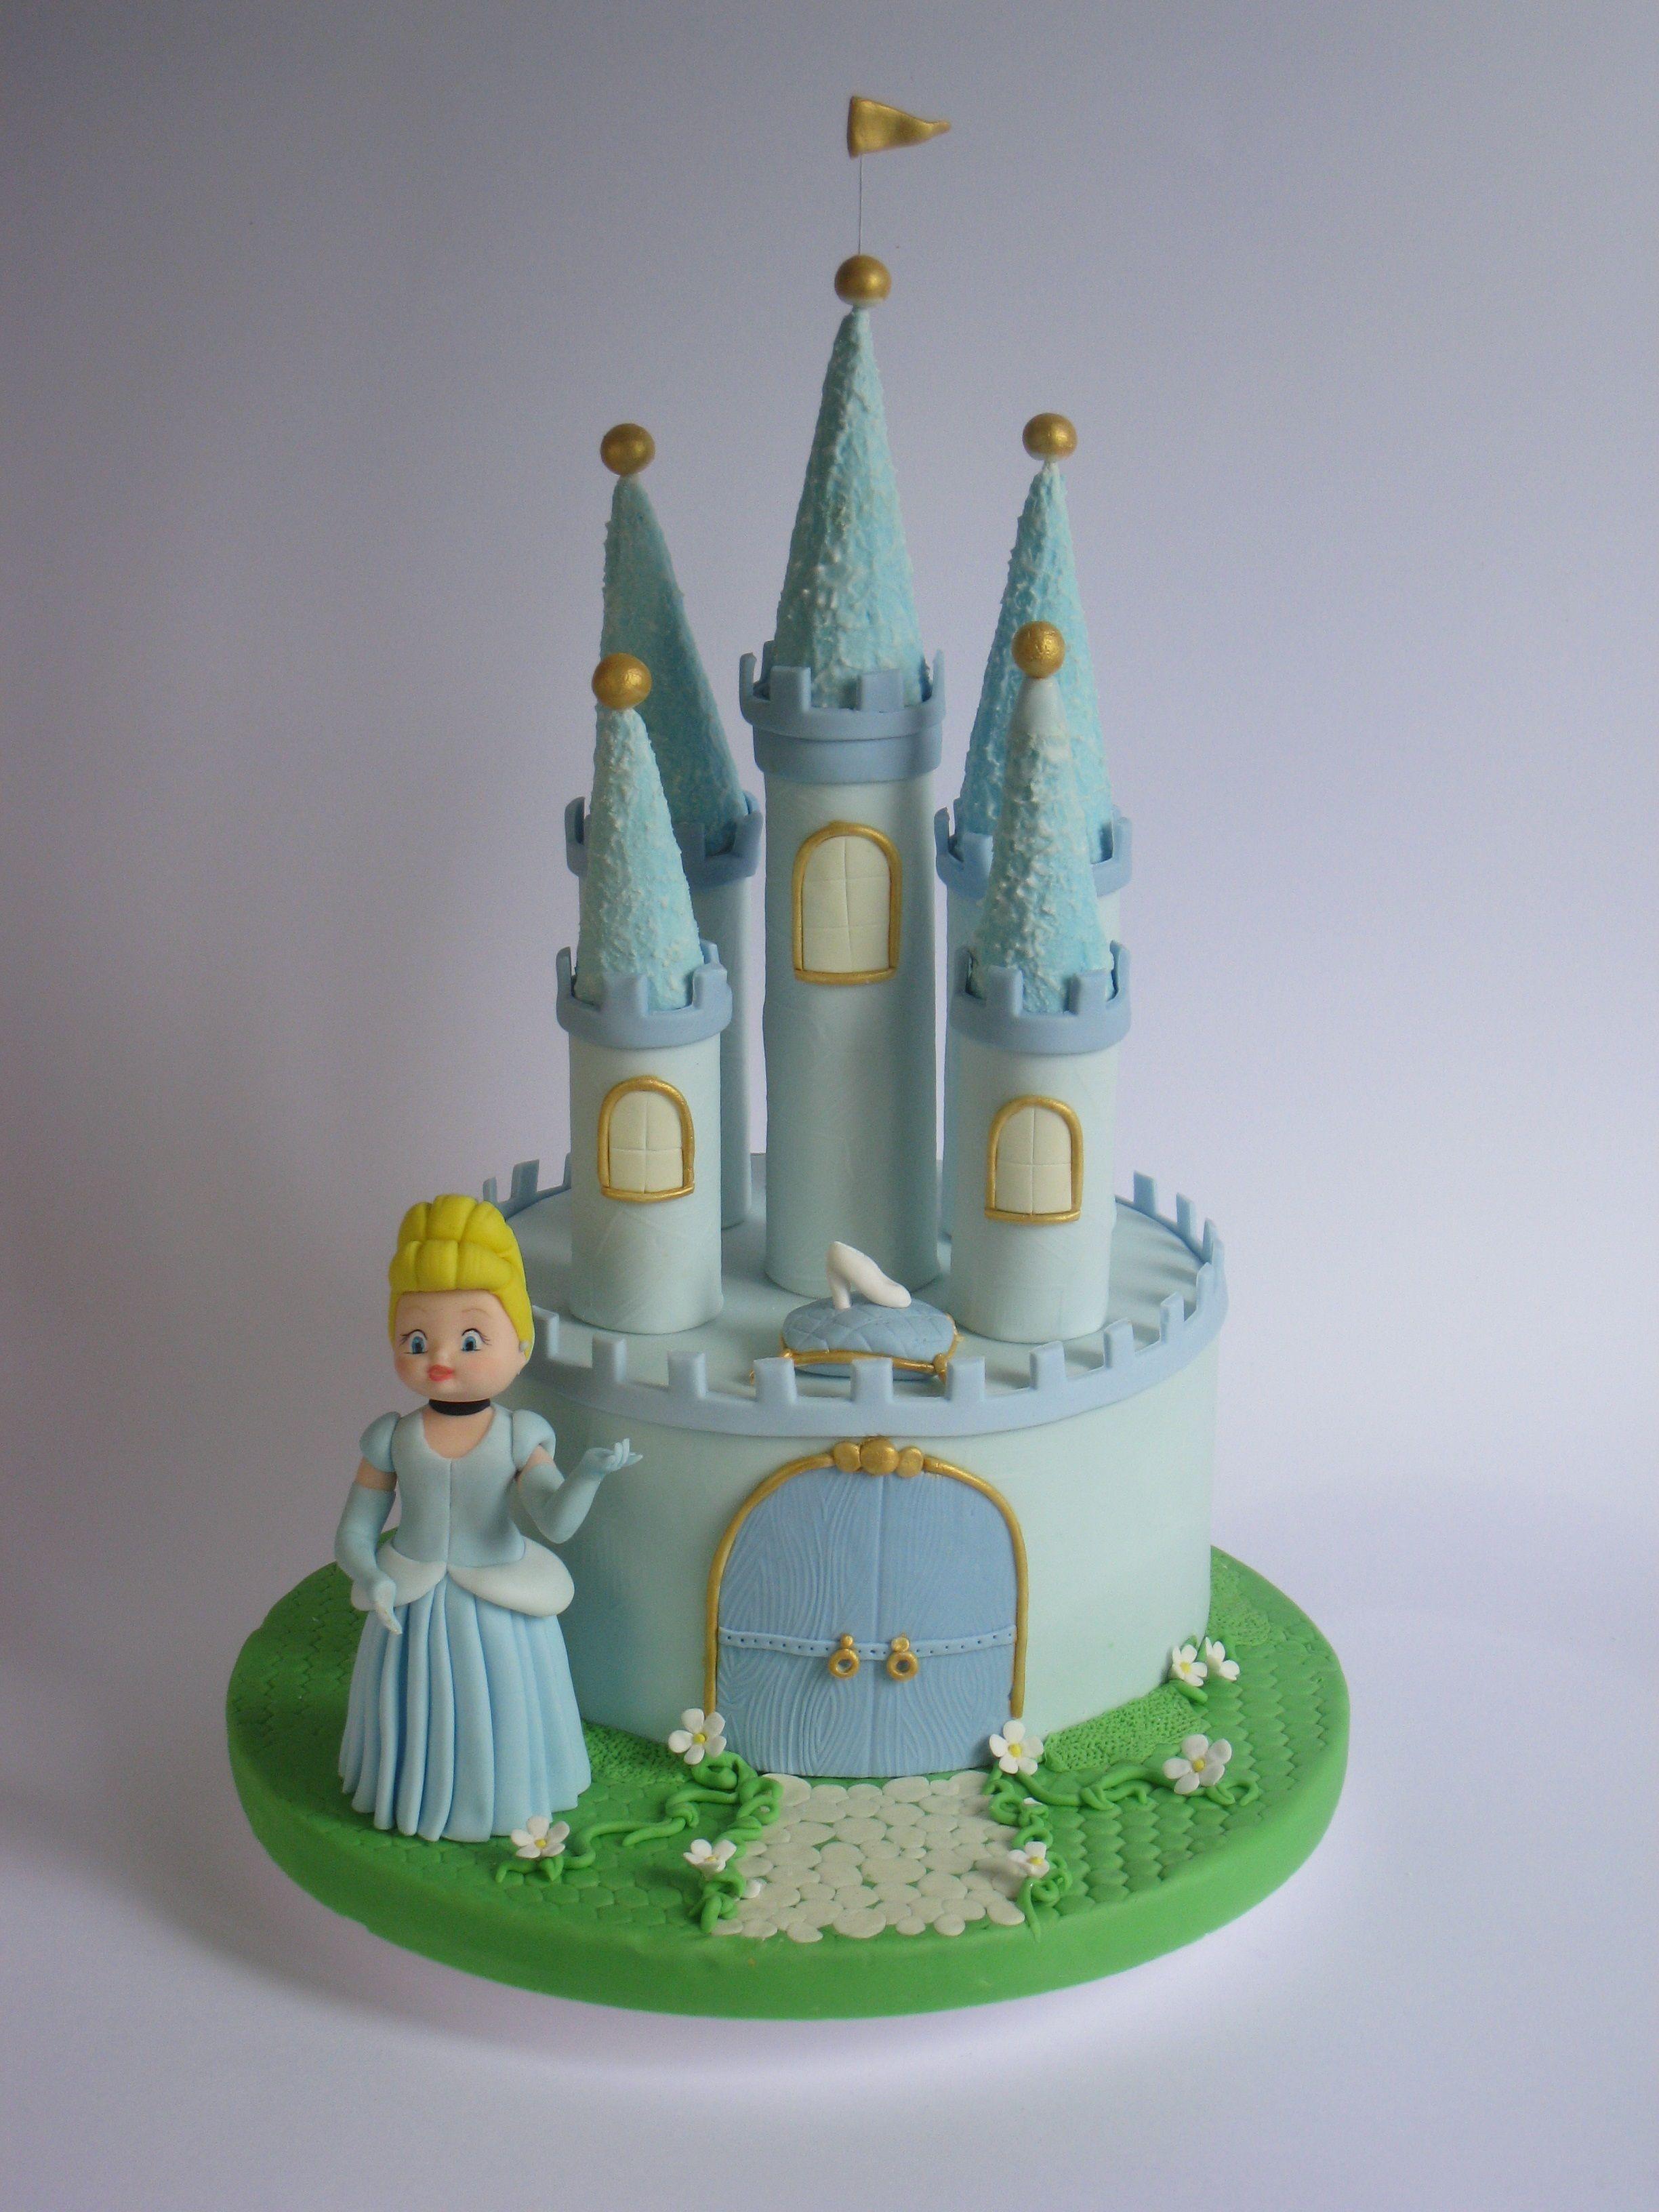 Bling Castle Wedding Cake Topper Disney Wedding Sweet 16 Or 15